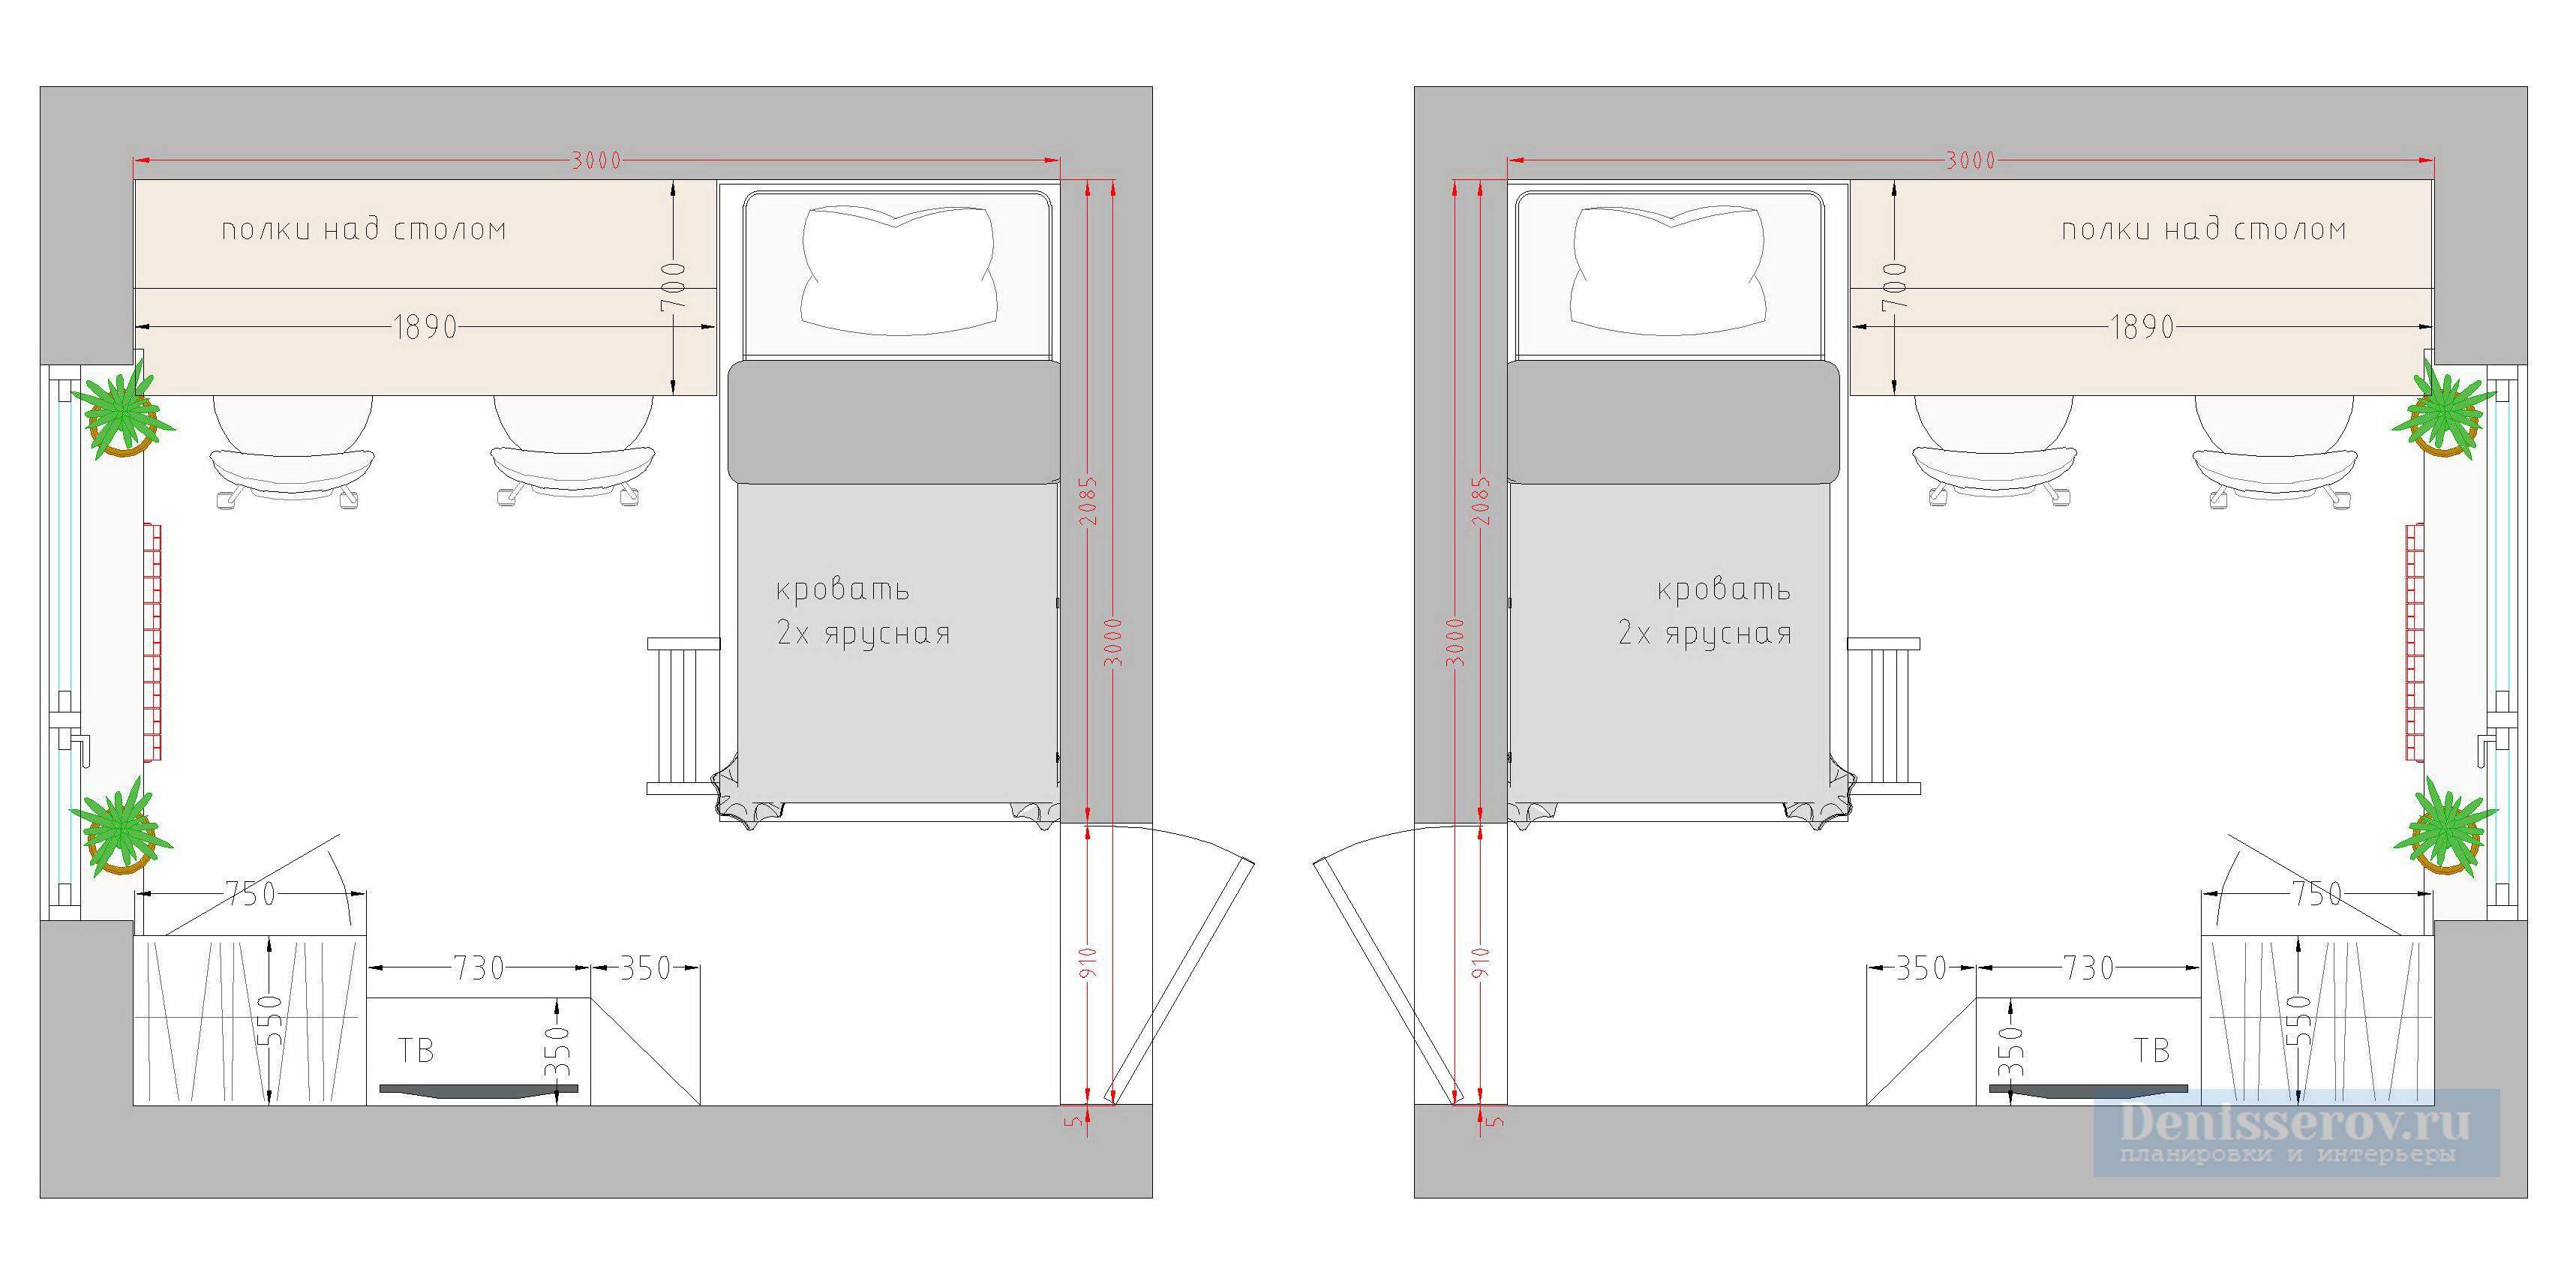 планировка детской комнаты 9 кв м для двоих детей с размерами